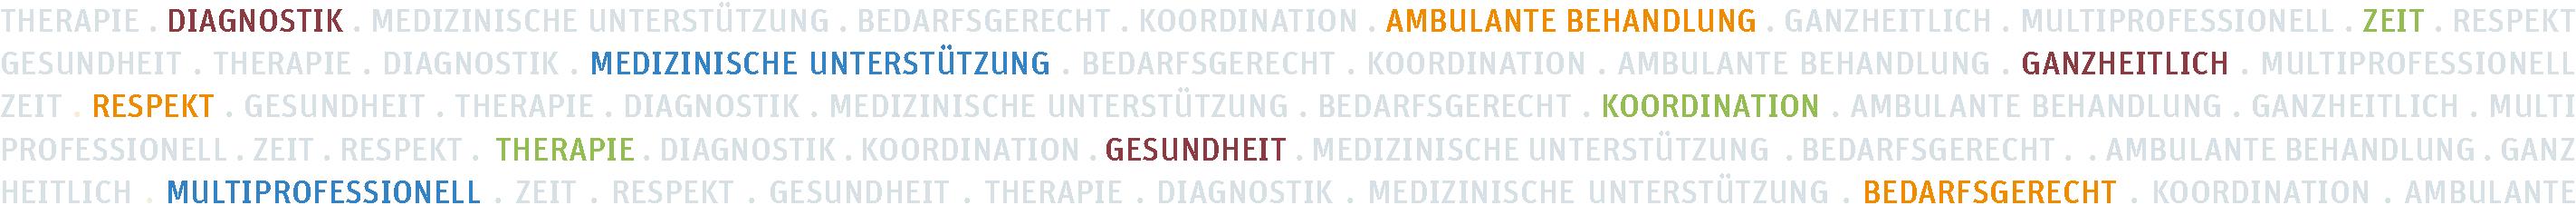 Banner des MZEB mit verschiedenen medizinischen und sozialen Begriffen